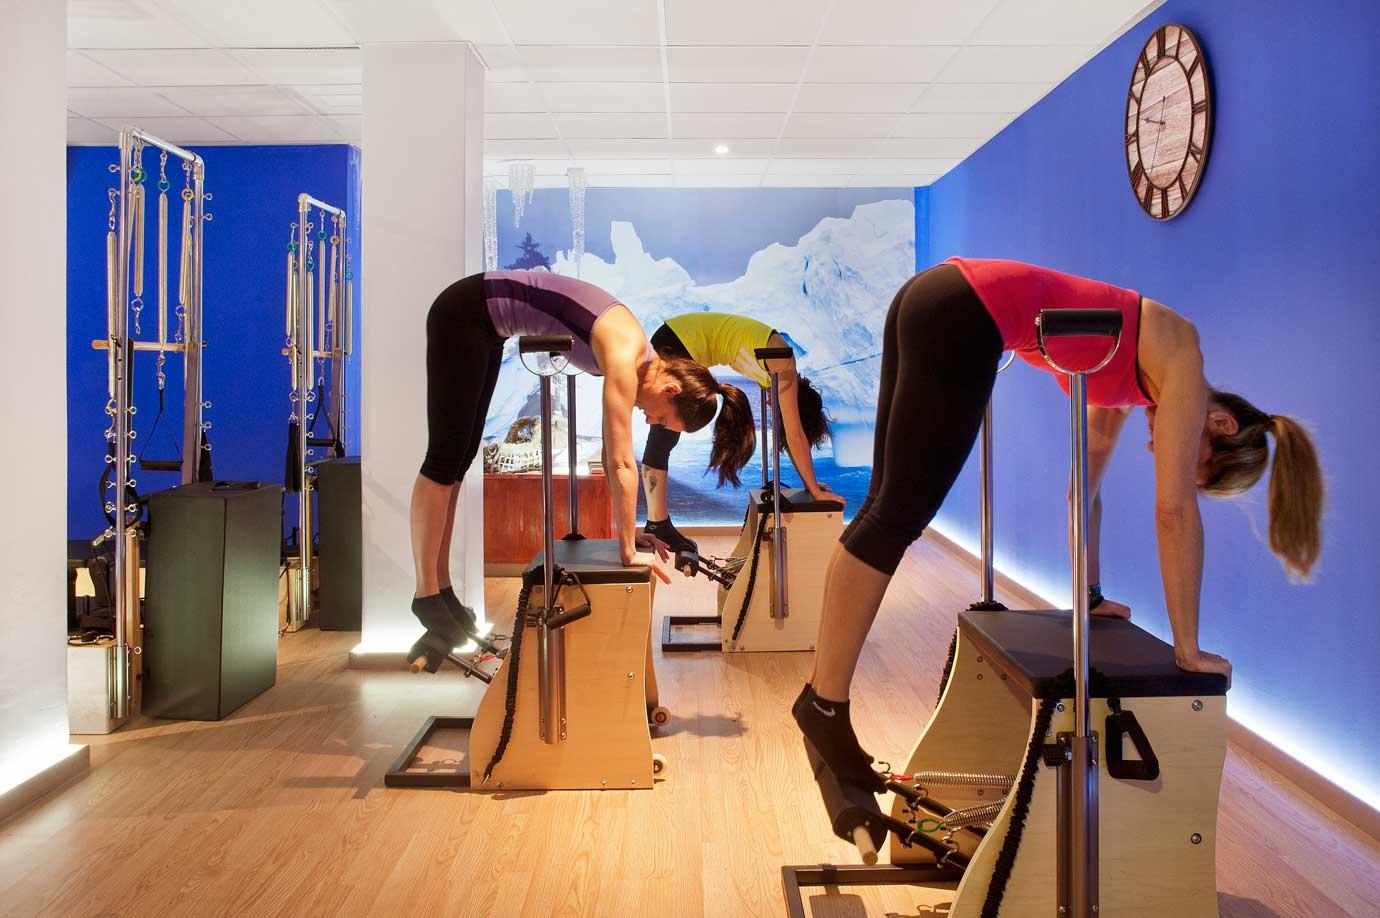 clases de pilates maquinas madrid